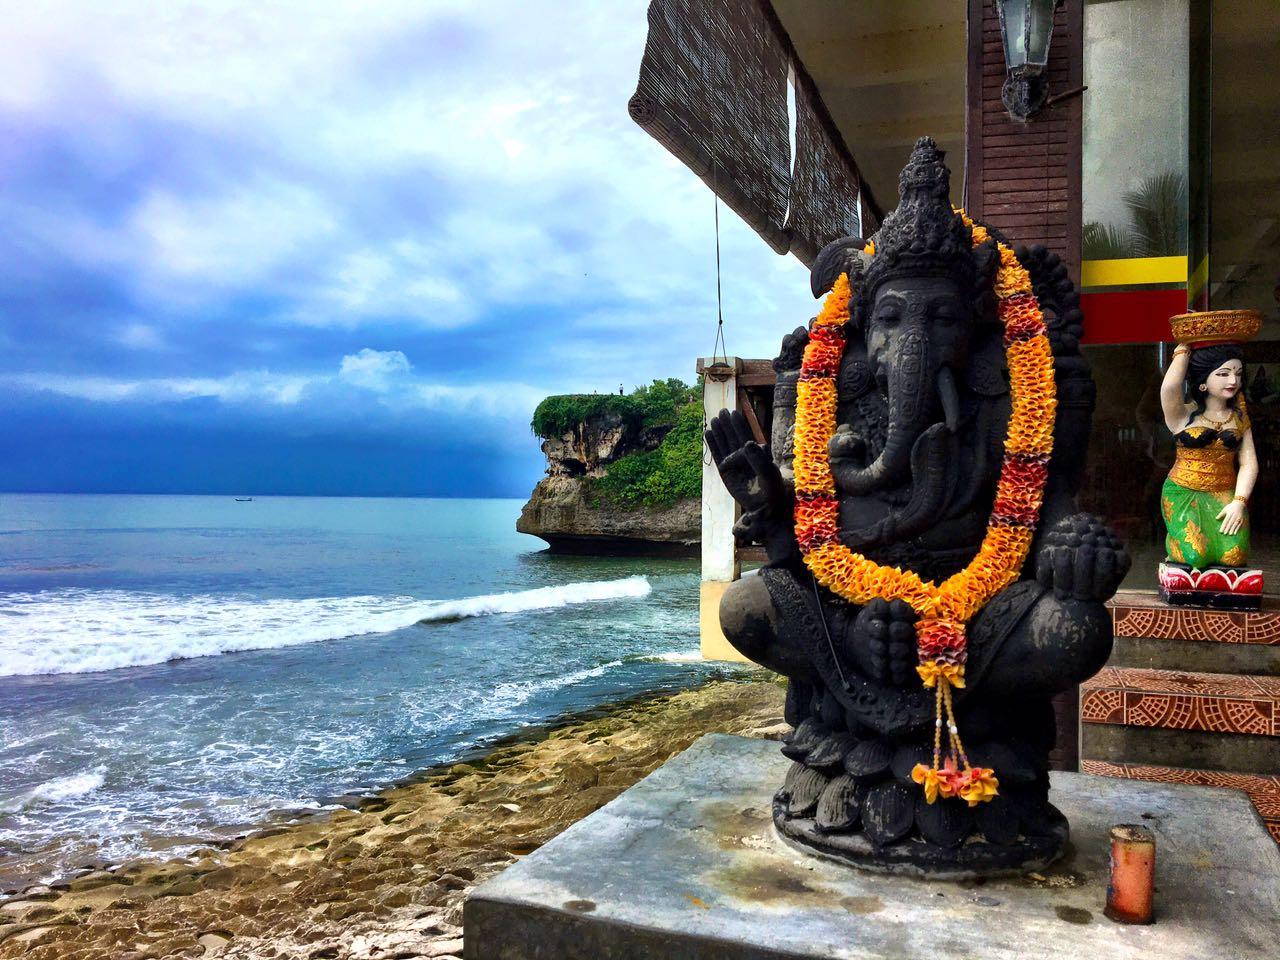 Lua de mel em Bali - Indonésia | Casar.com